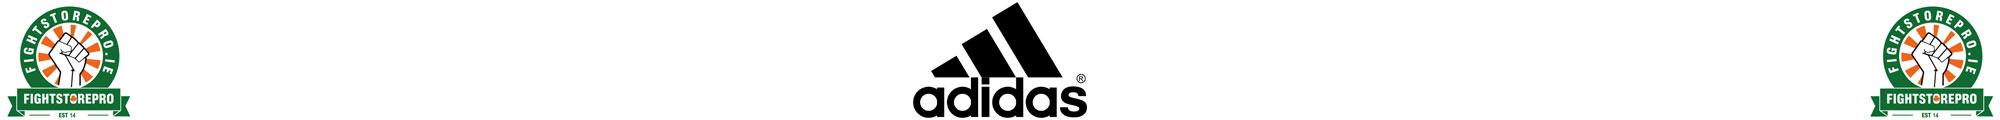 Adidas - Fightstore Pro Ireland